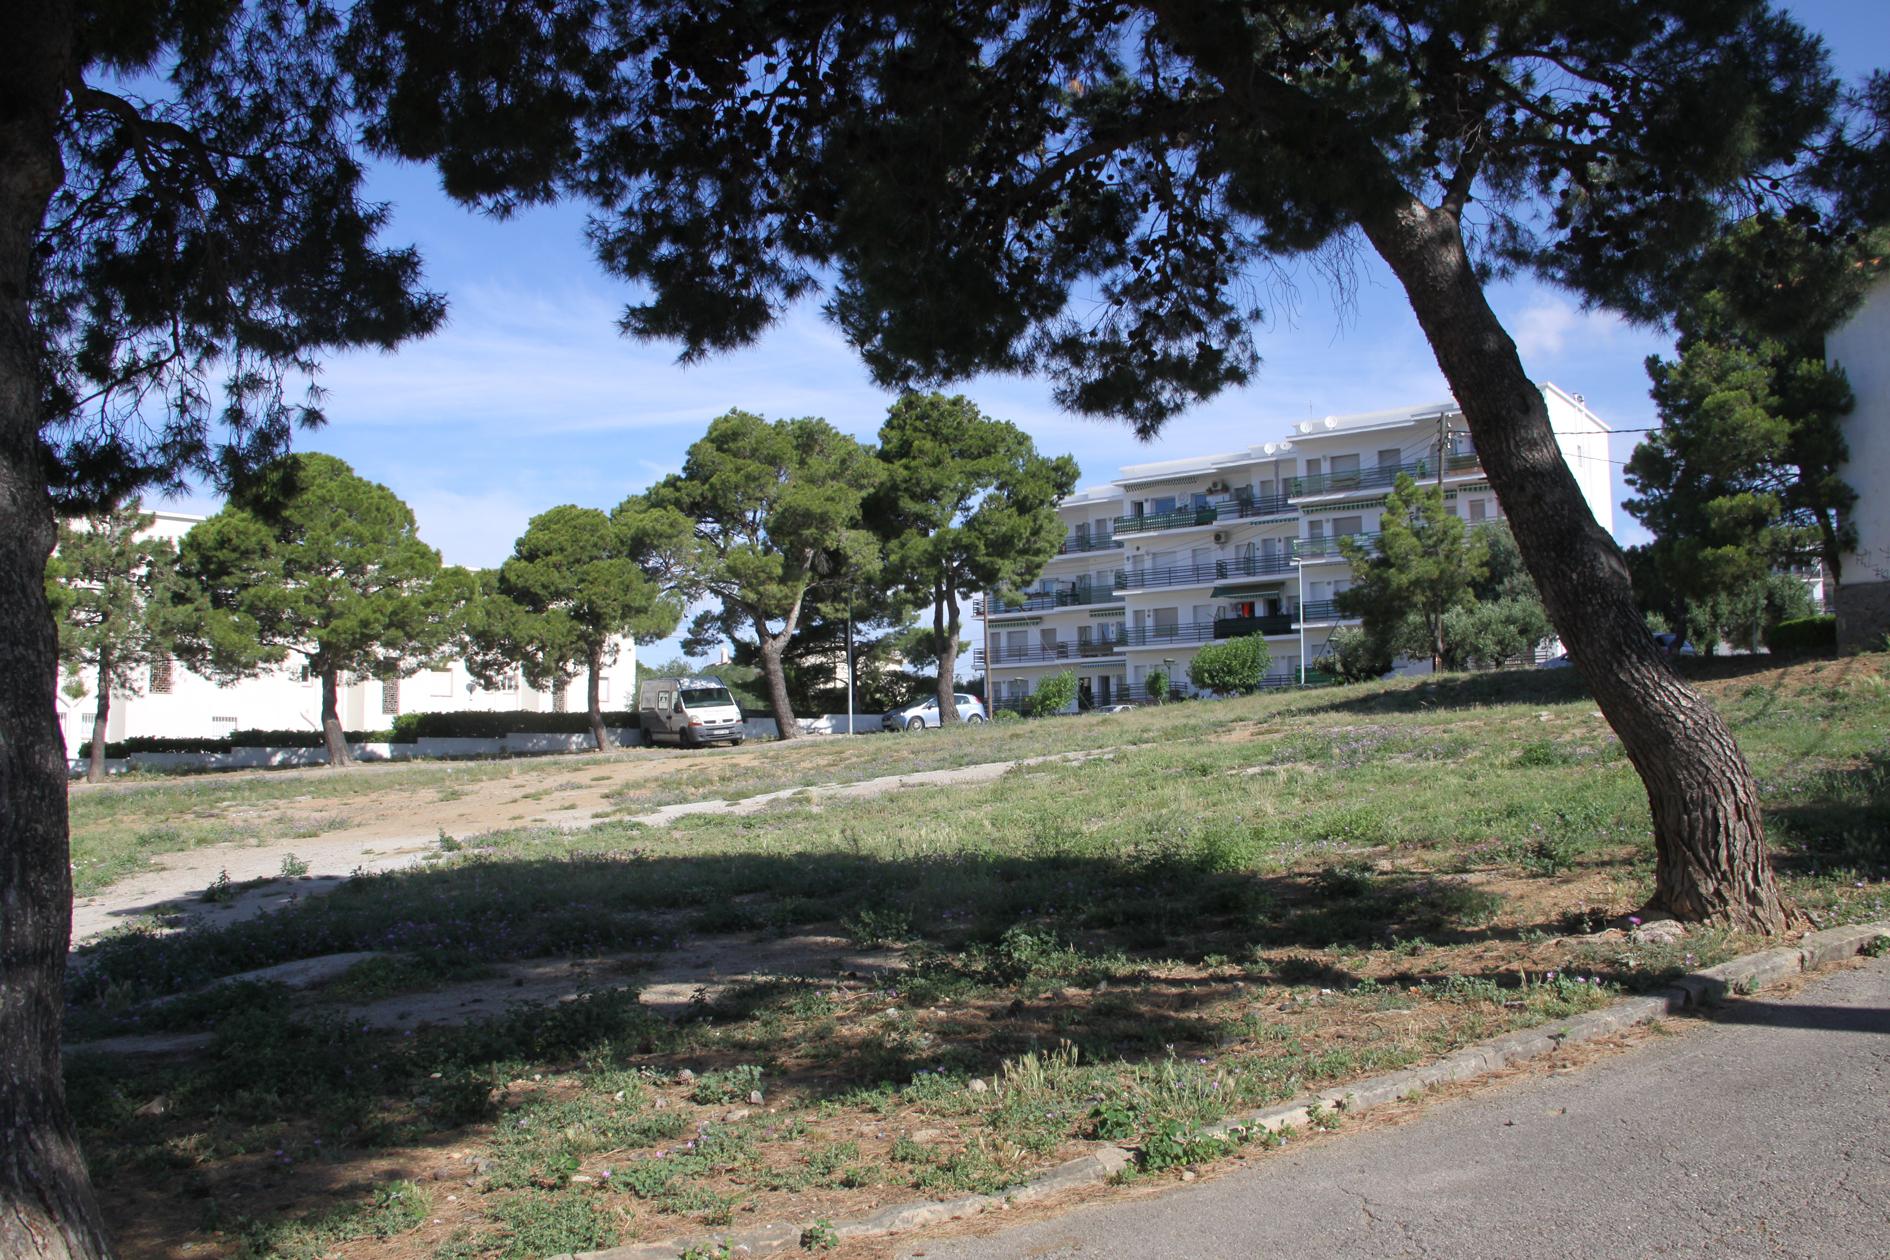 Nou espai públic al Mas Oliva amb zona verda, jocs i àrea d'aparcament